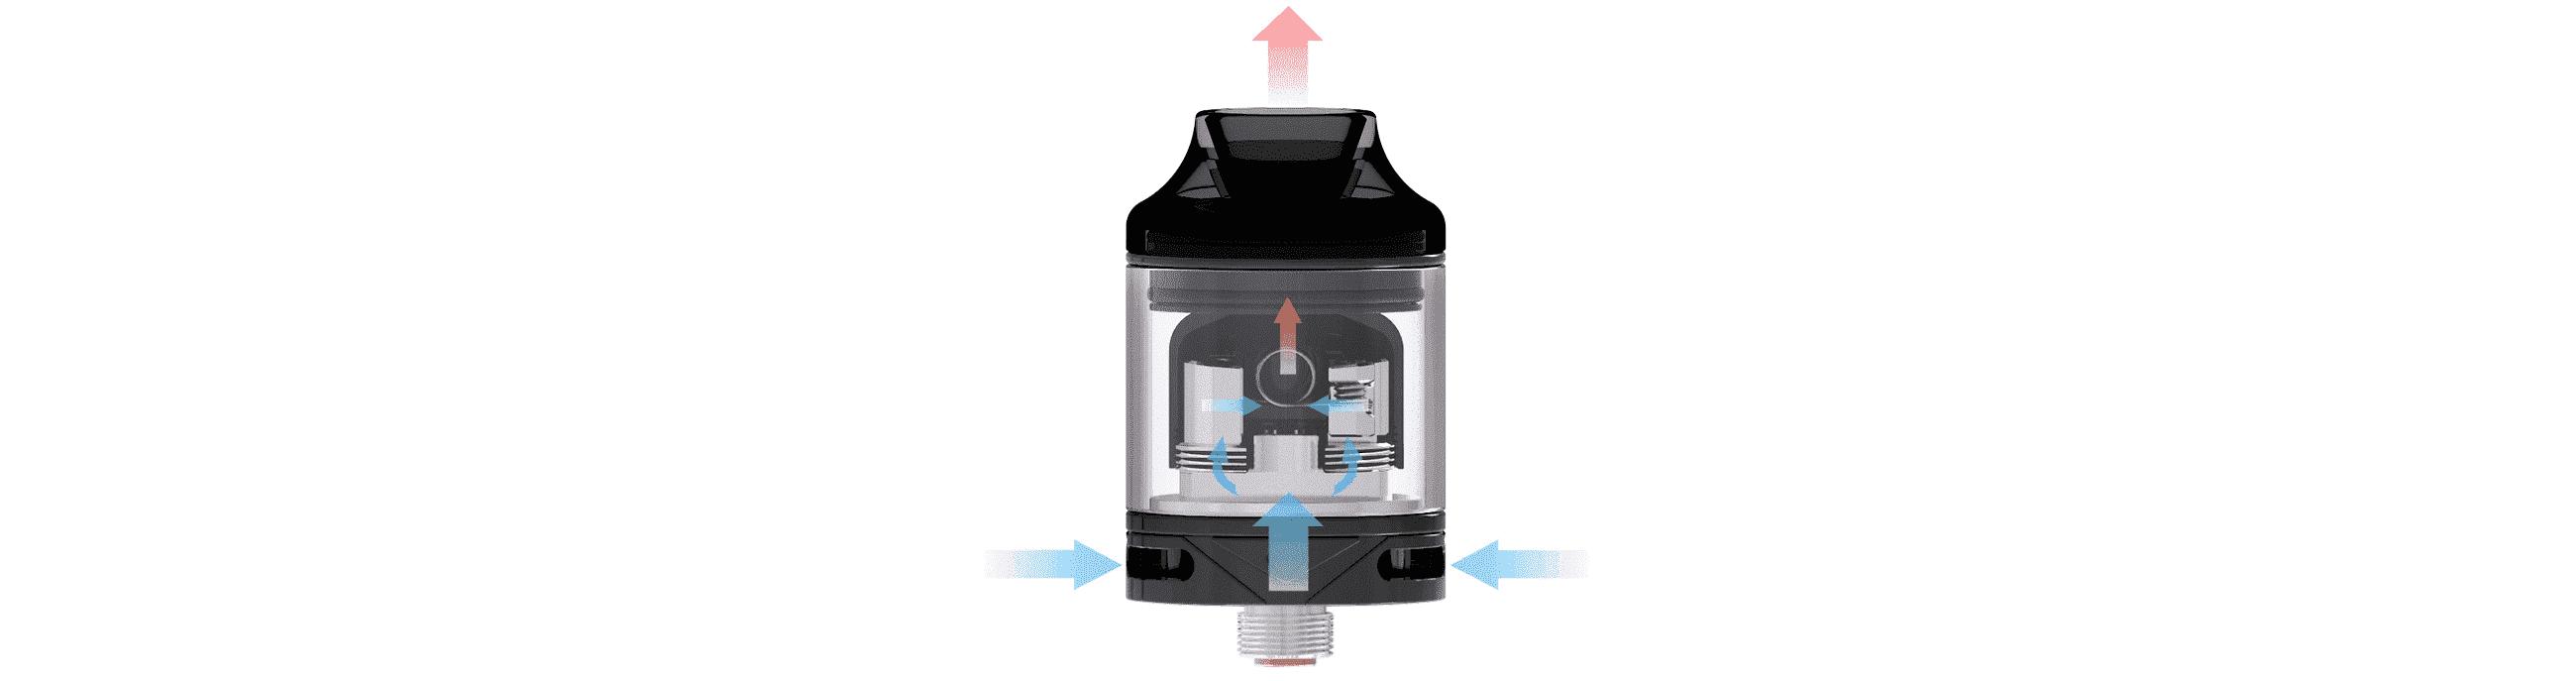 Système d'airflow du Wasp Nano RTA par Oumier